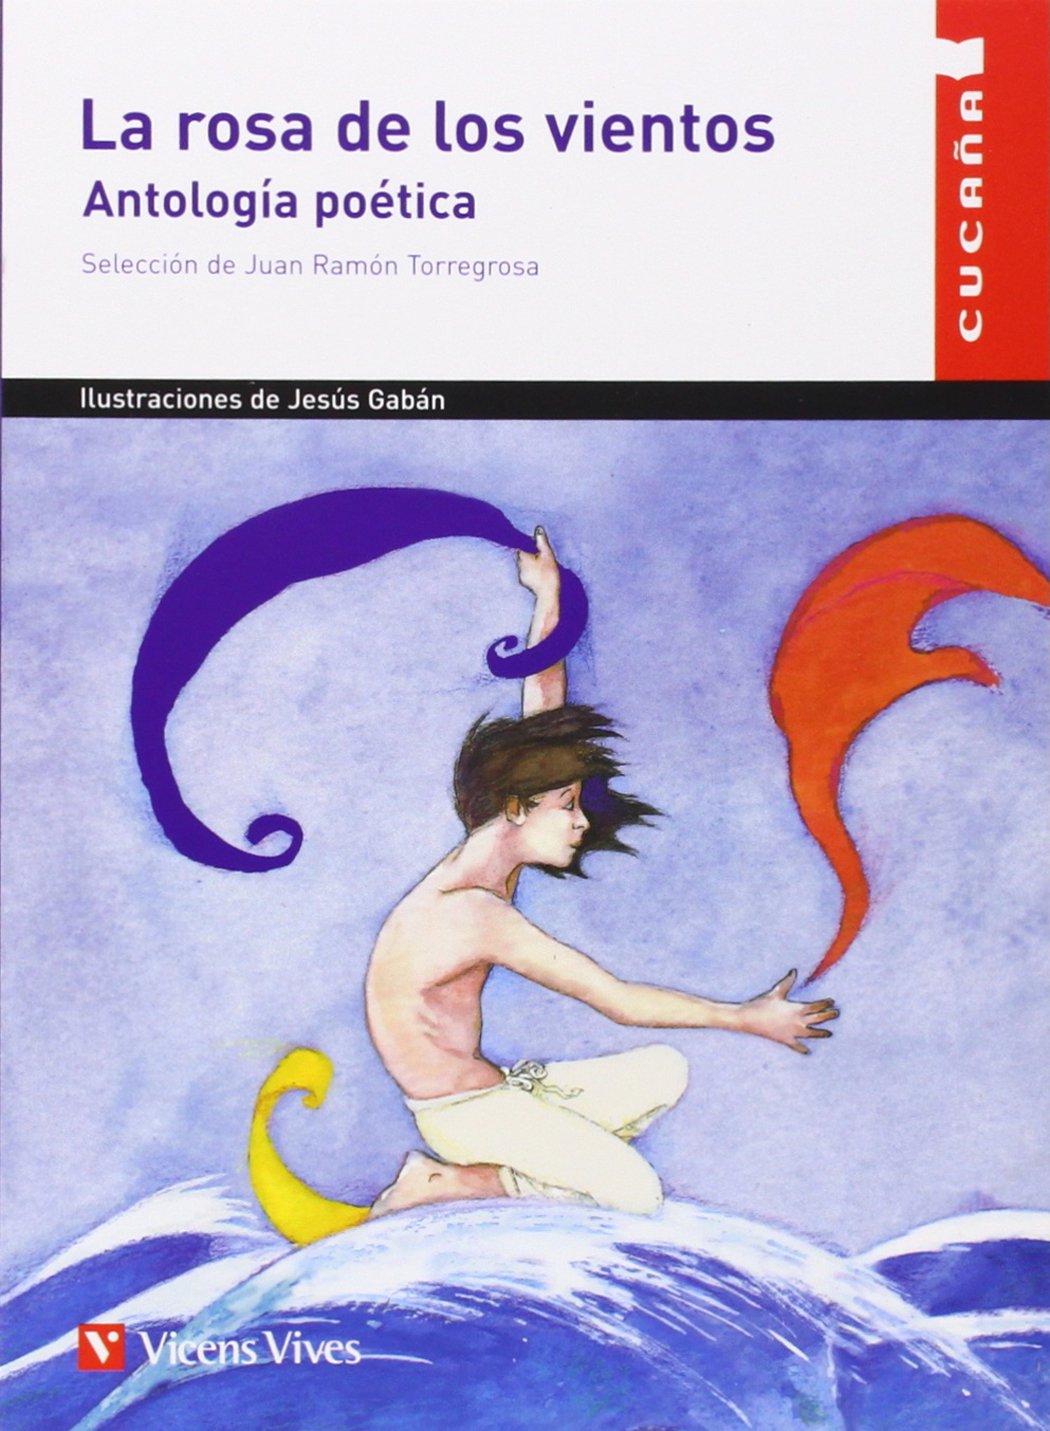 La Rosa De Los Vientos N/c (Colección Cucaña) - 9788431655075 Tapa blanda – 25 sep 2013 Jesus Gaban Bravo Editorial Vicens Vives 8431655070 Educación Primaria